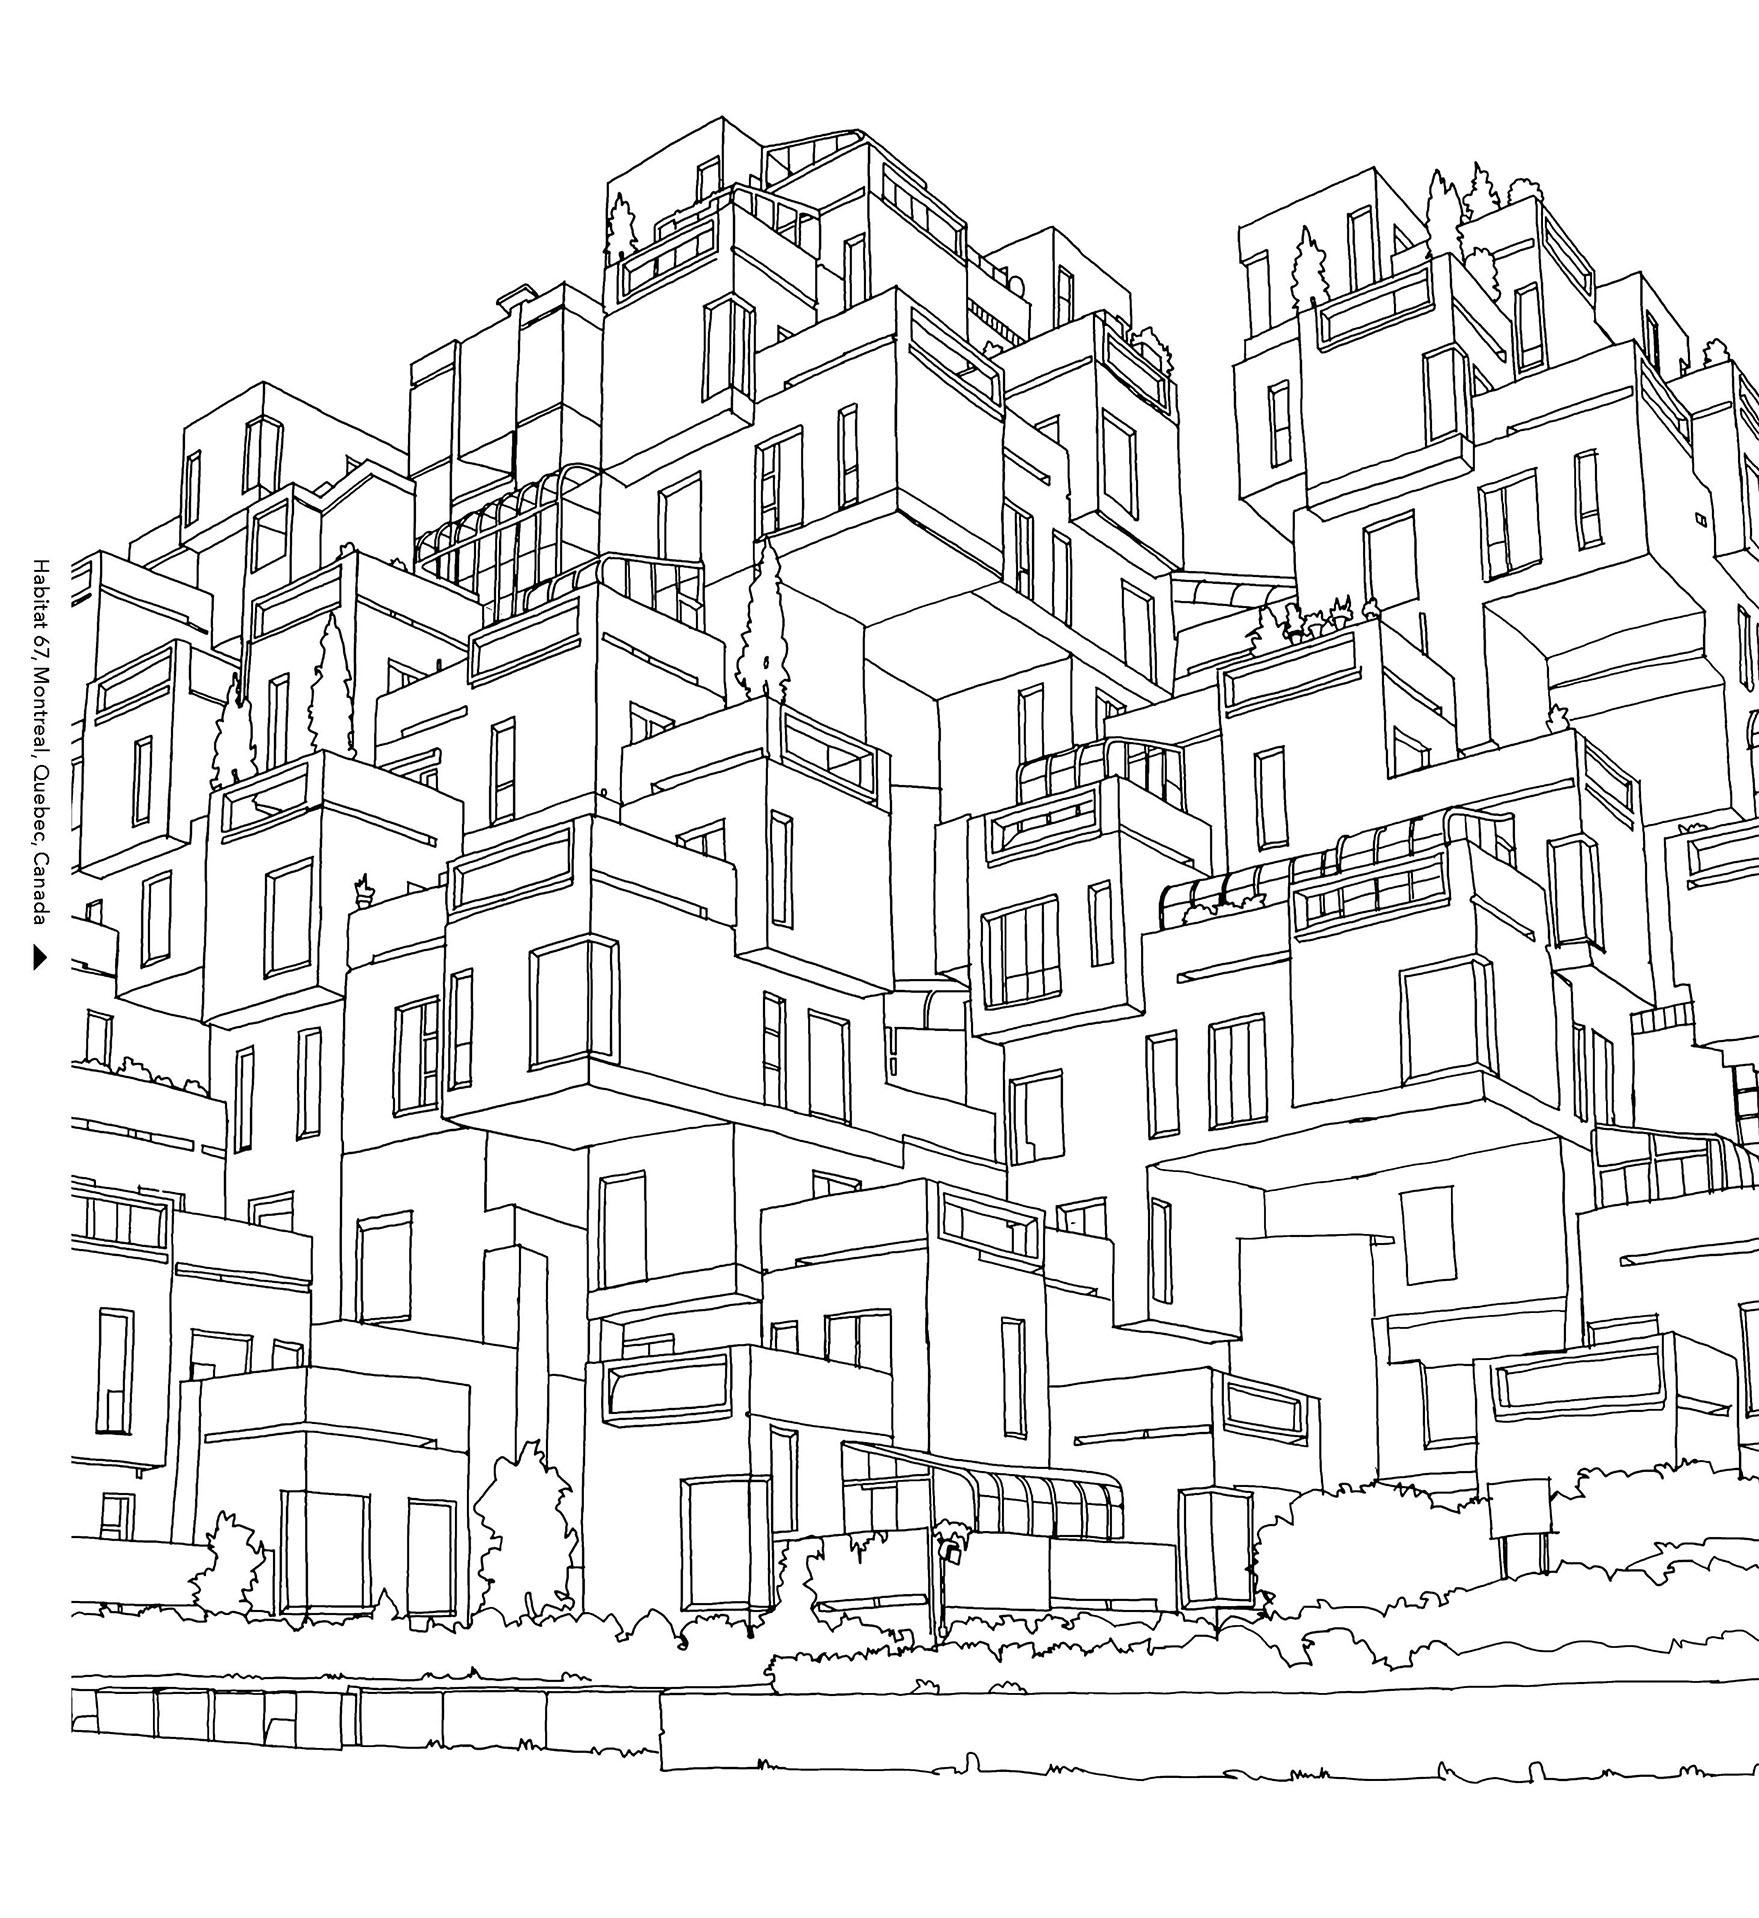 Disegni da colorare per adulti : Architettura & casa - 55 - Immagine comprendente : Canada